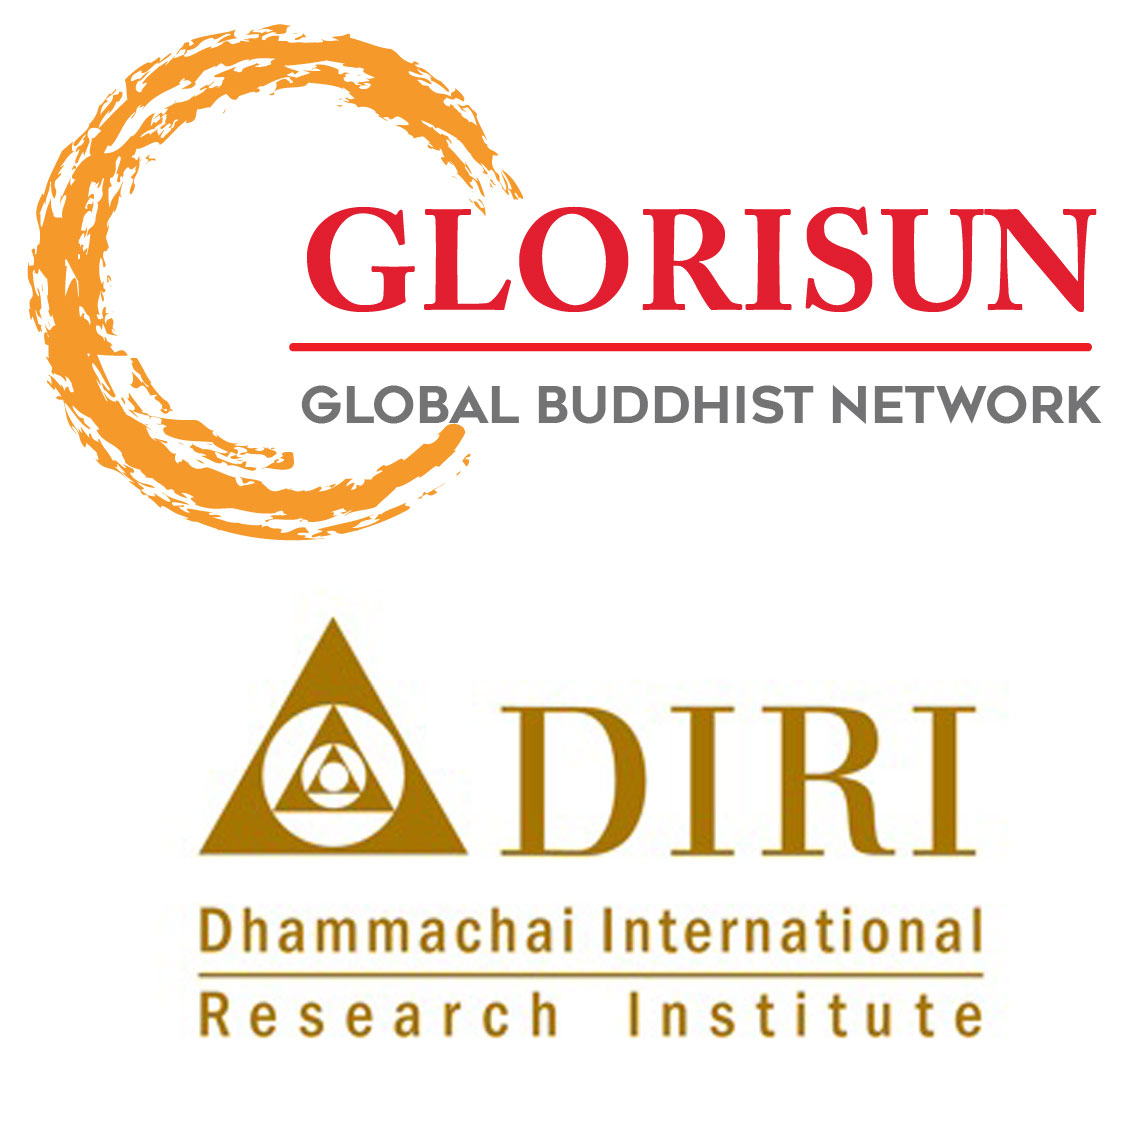 Glorison & DIRI logos